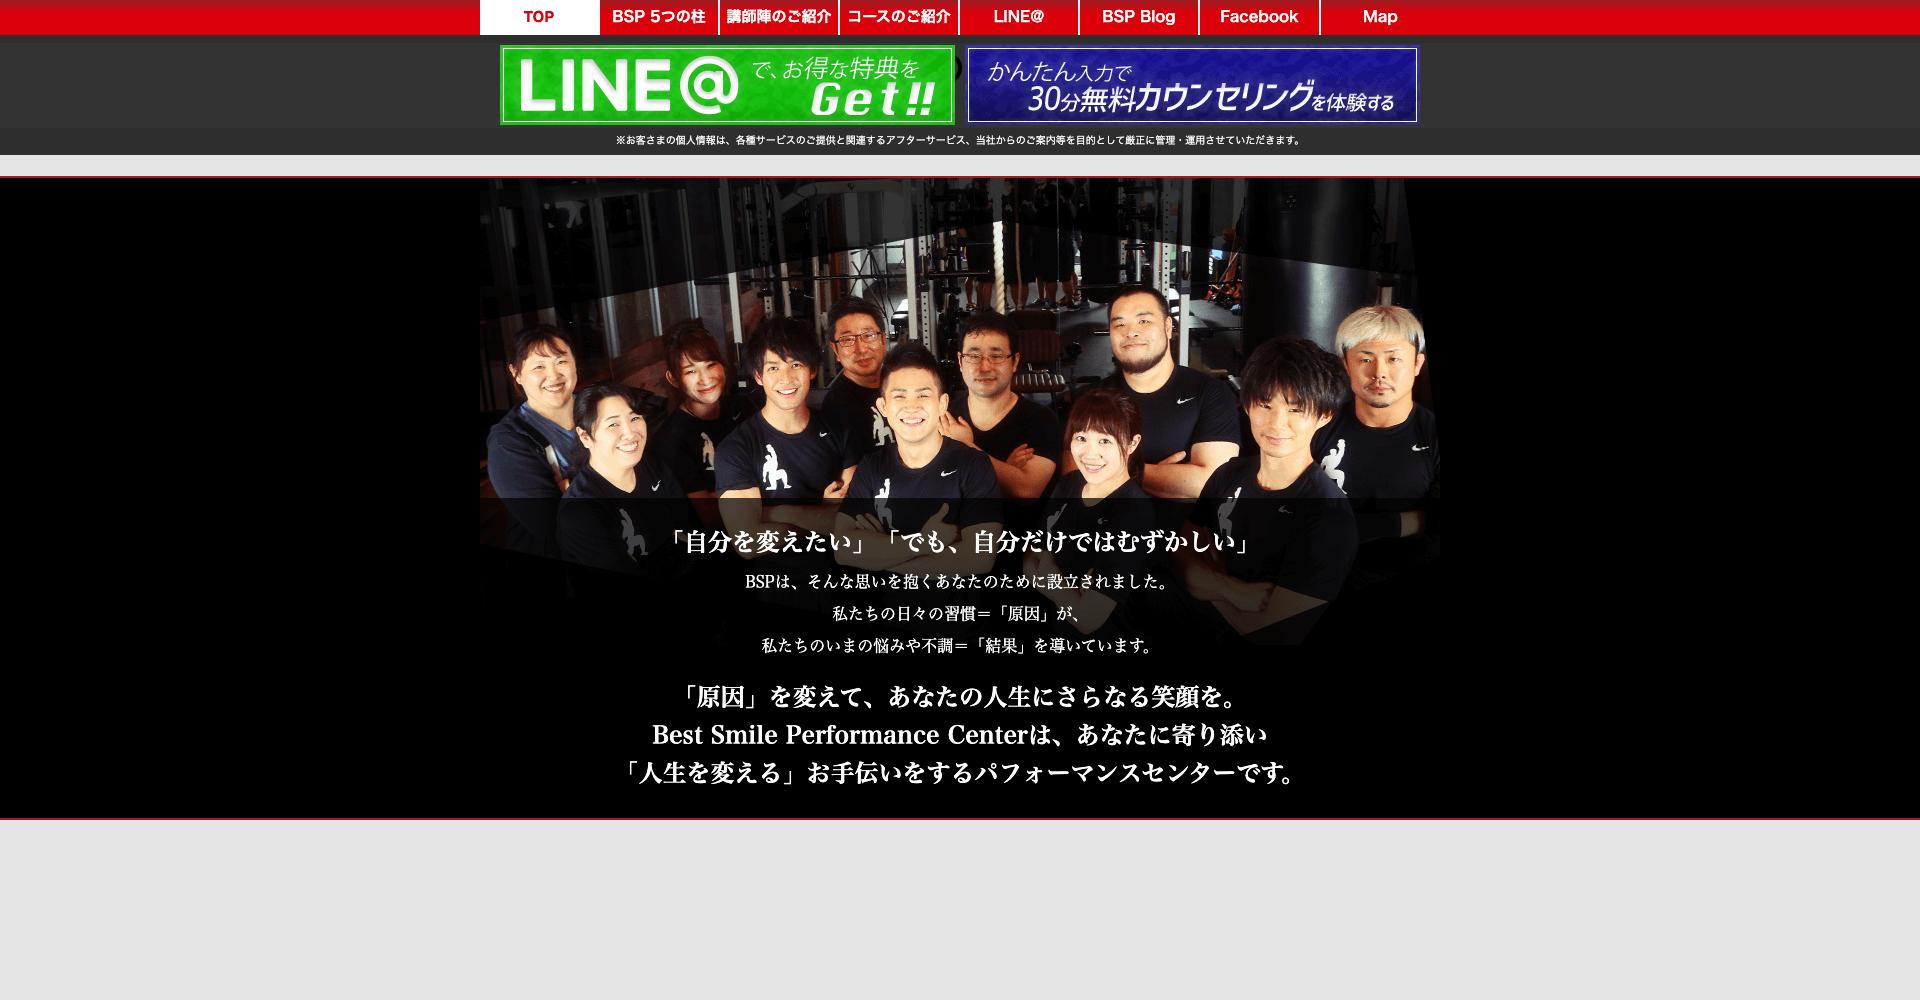 Best Smile Performance Center 青森